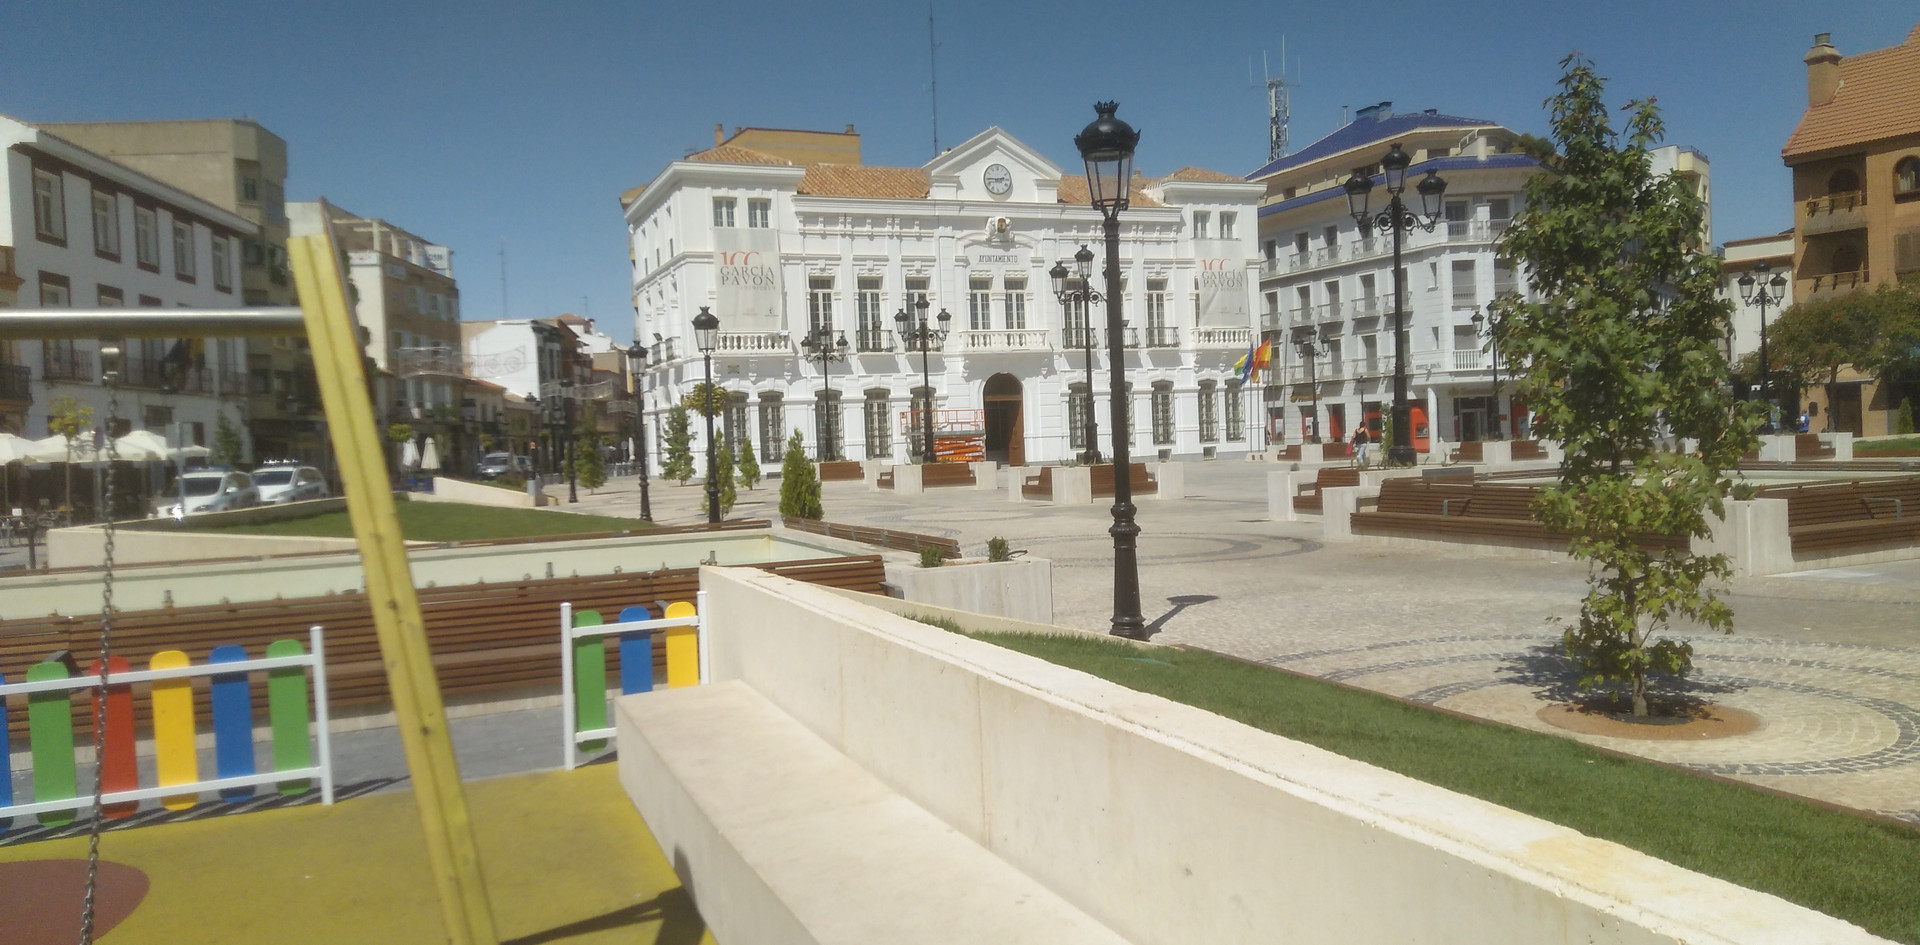 Plaza_de_España_tomelloso